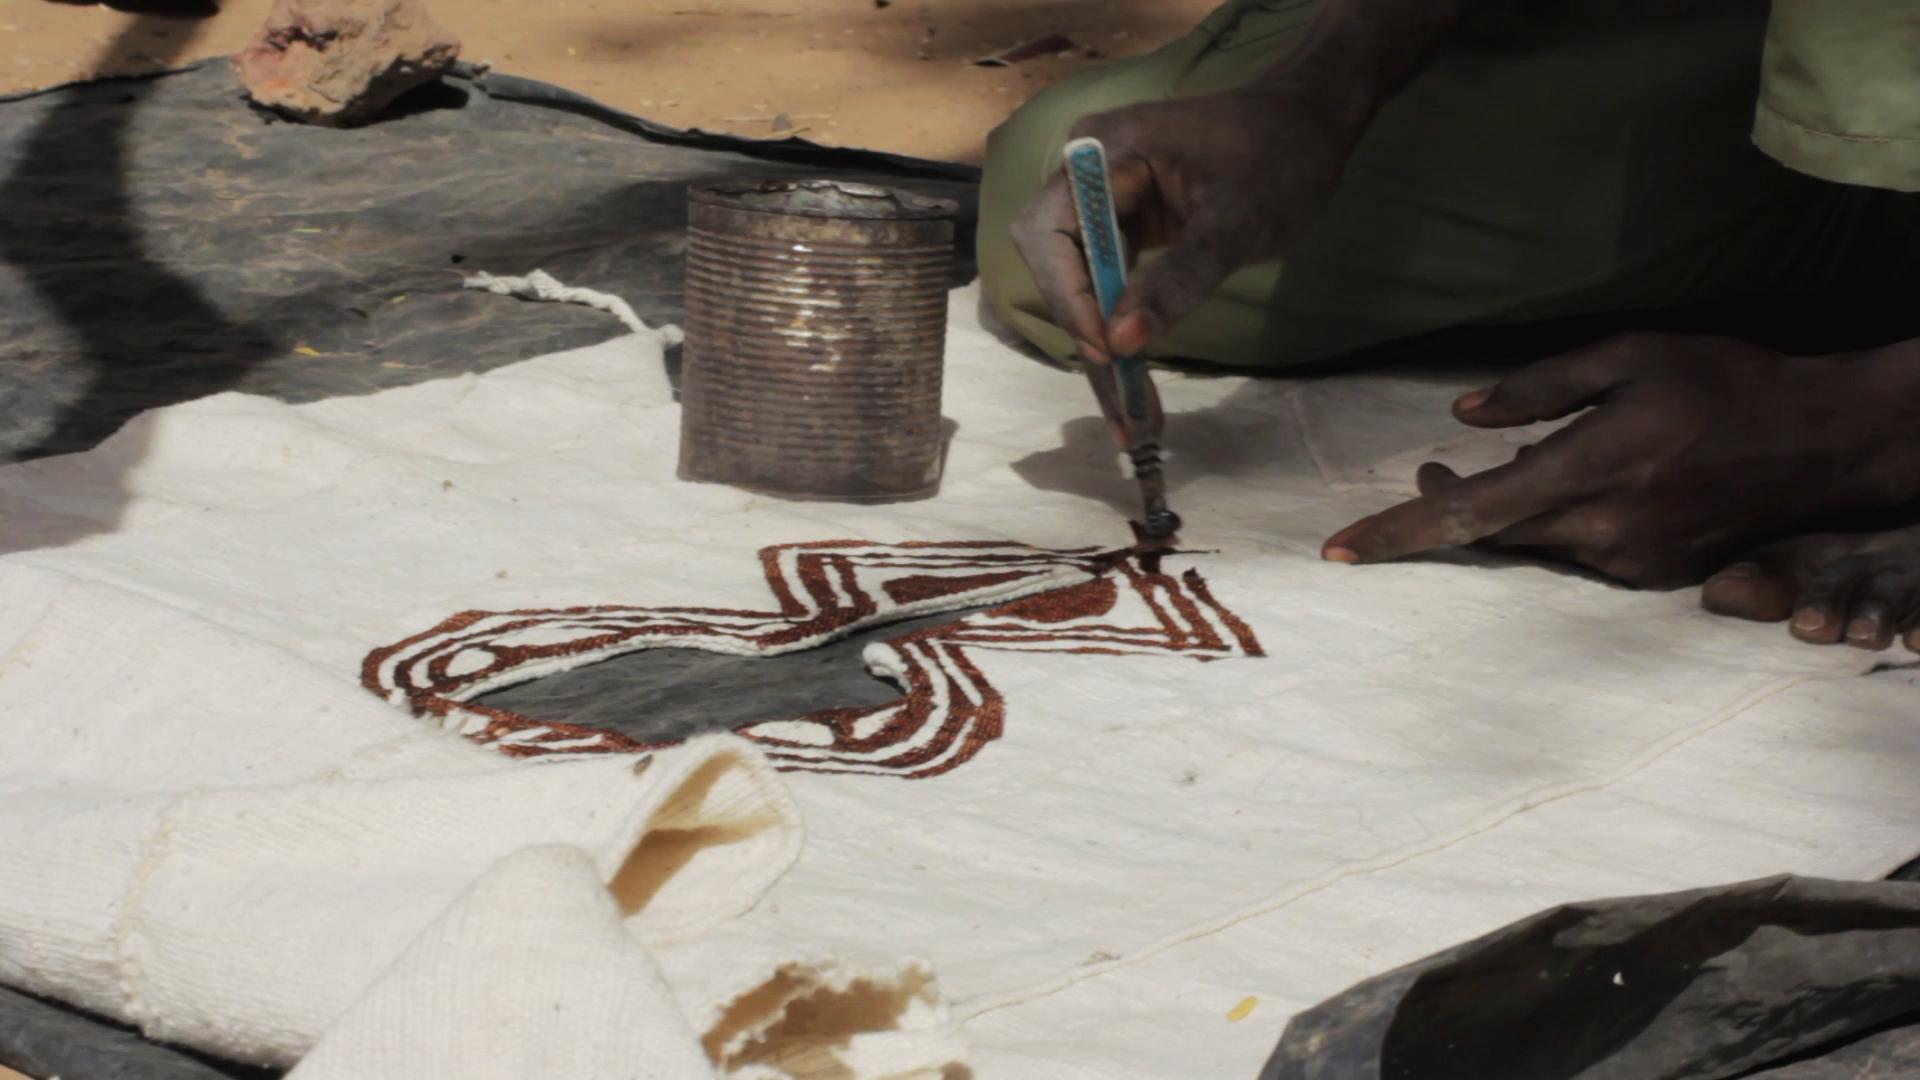 ende bogolan dogon pablocaminante  - Malí 8, País Dogon V: moda, arte y religión